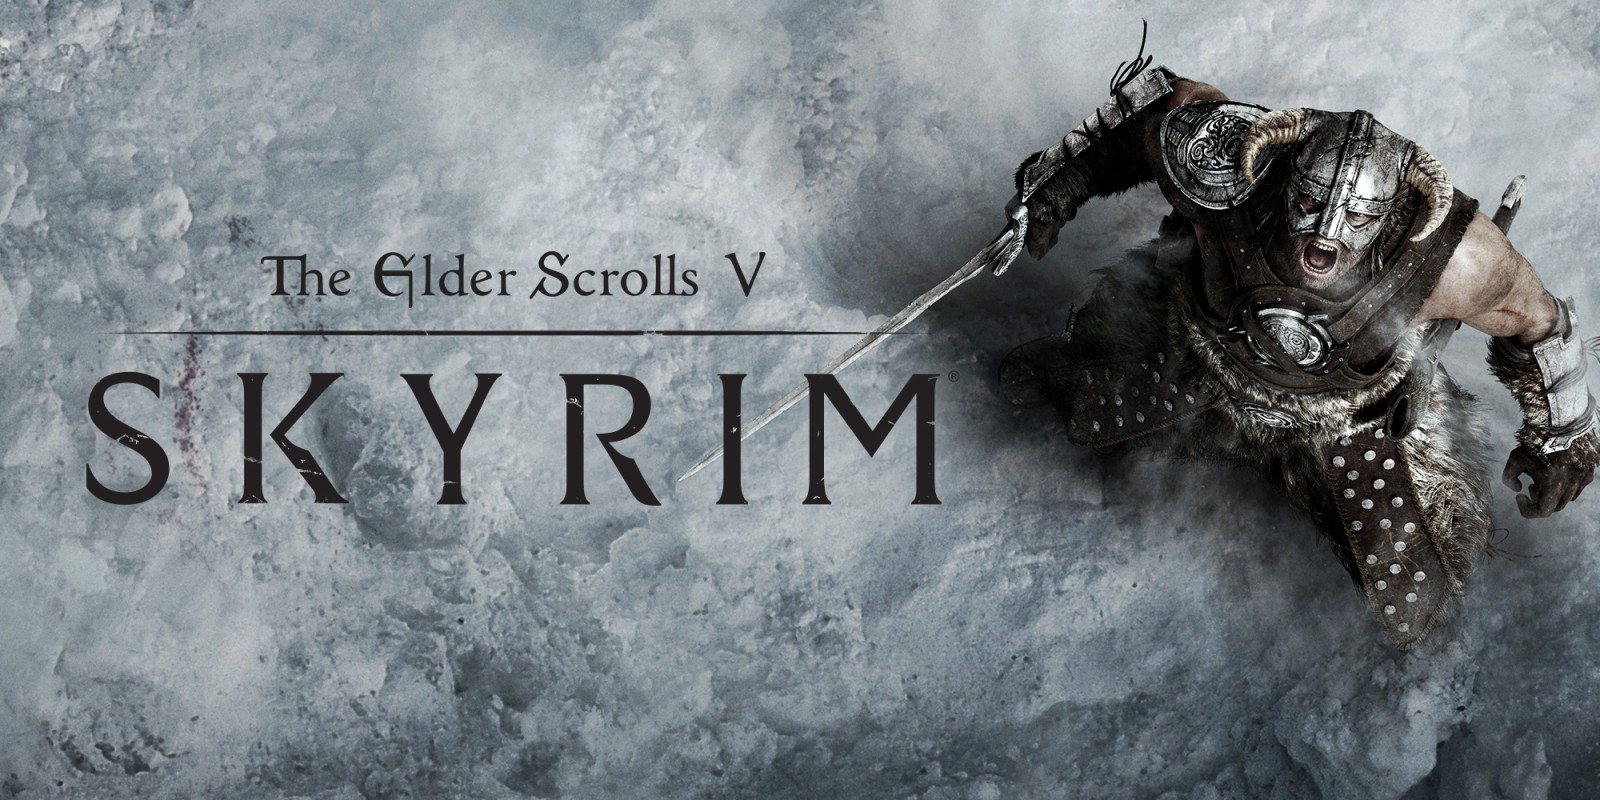 Читы, Skyrim, компьютерные игры